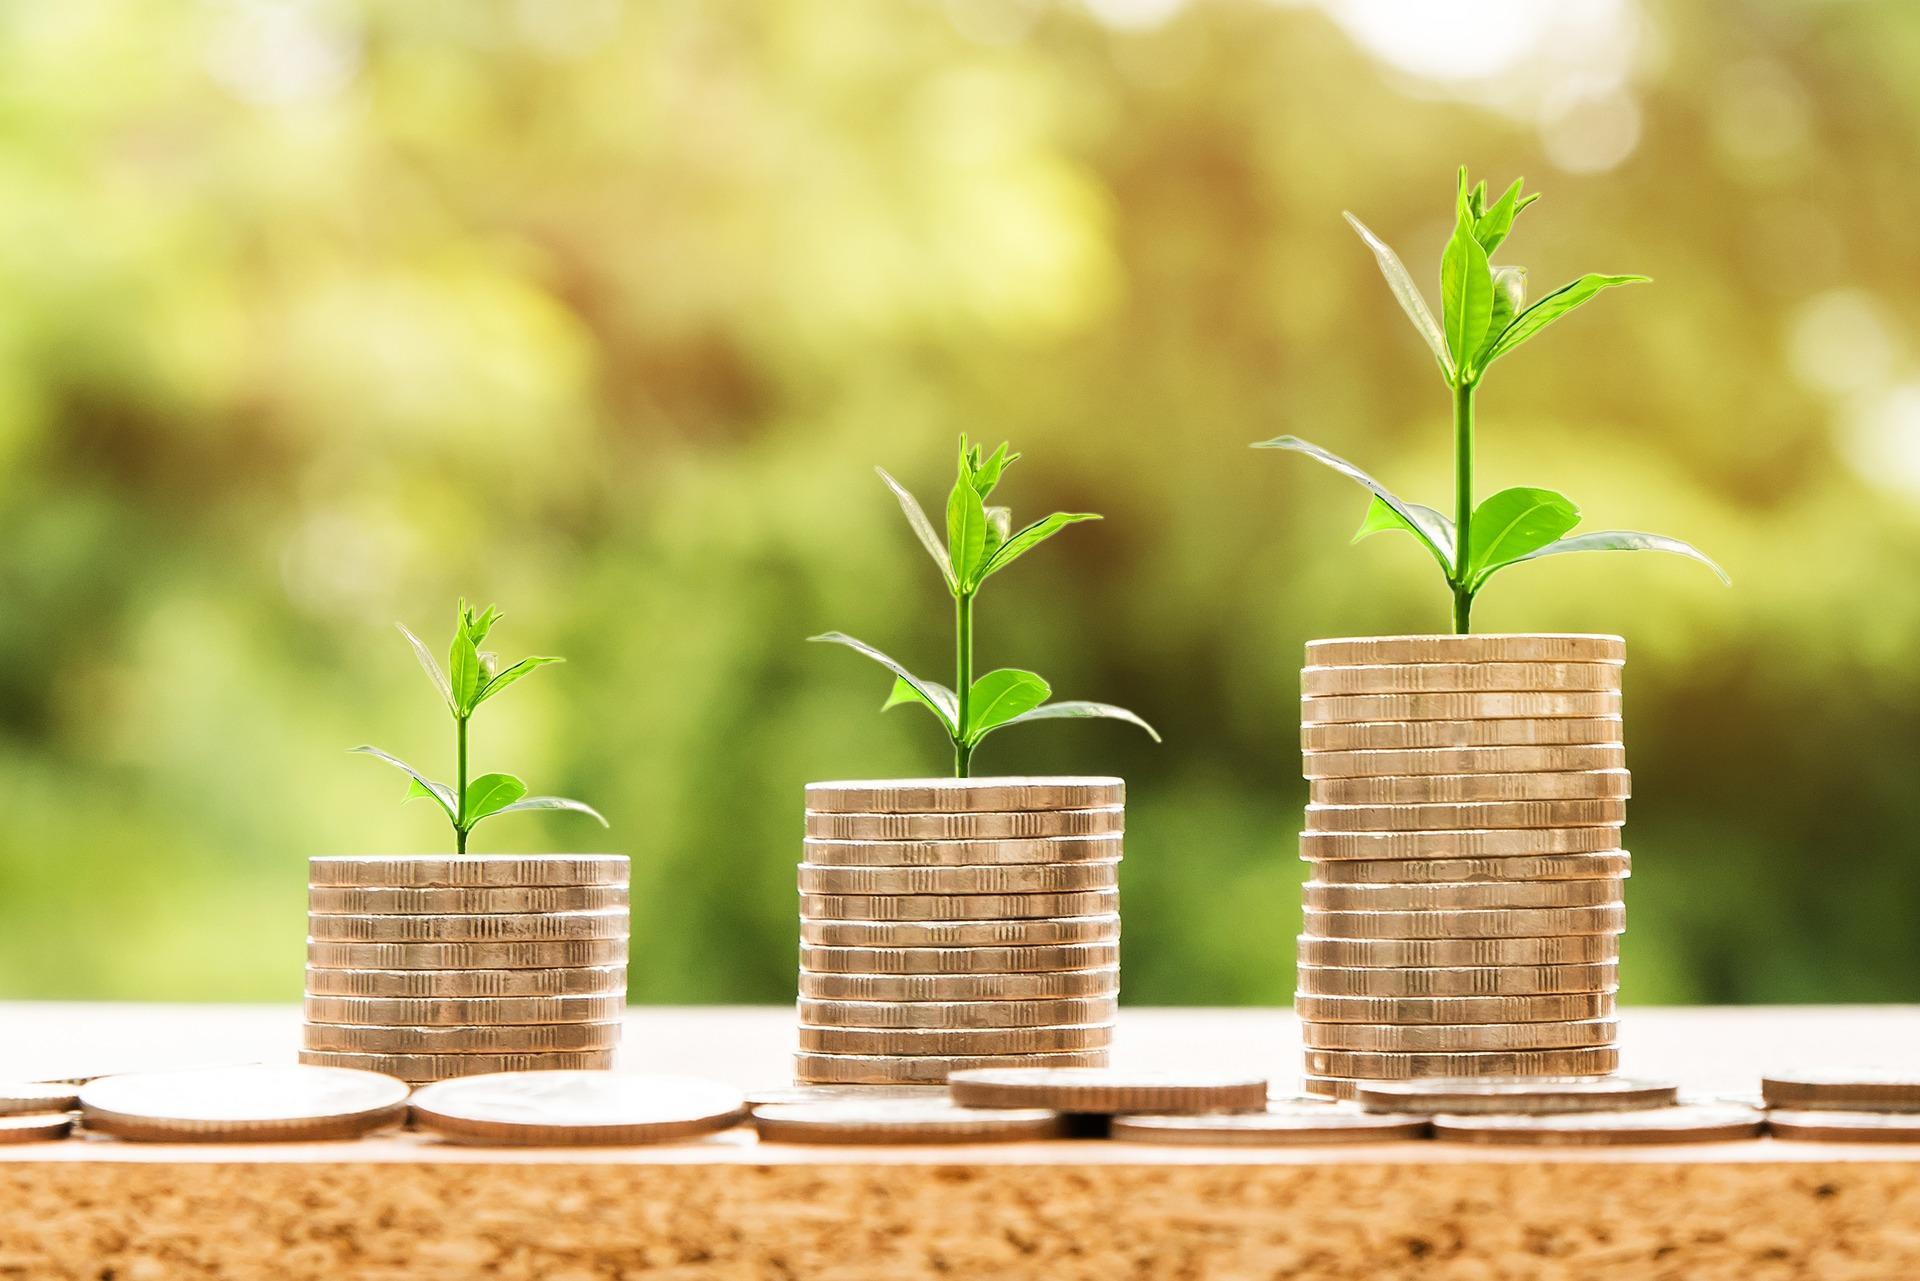 वित्तीय साक्षरता : अर्थ र आवश्यकता